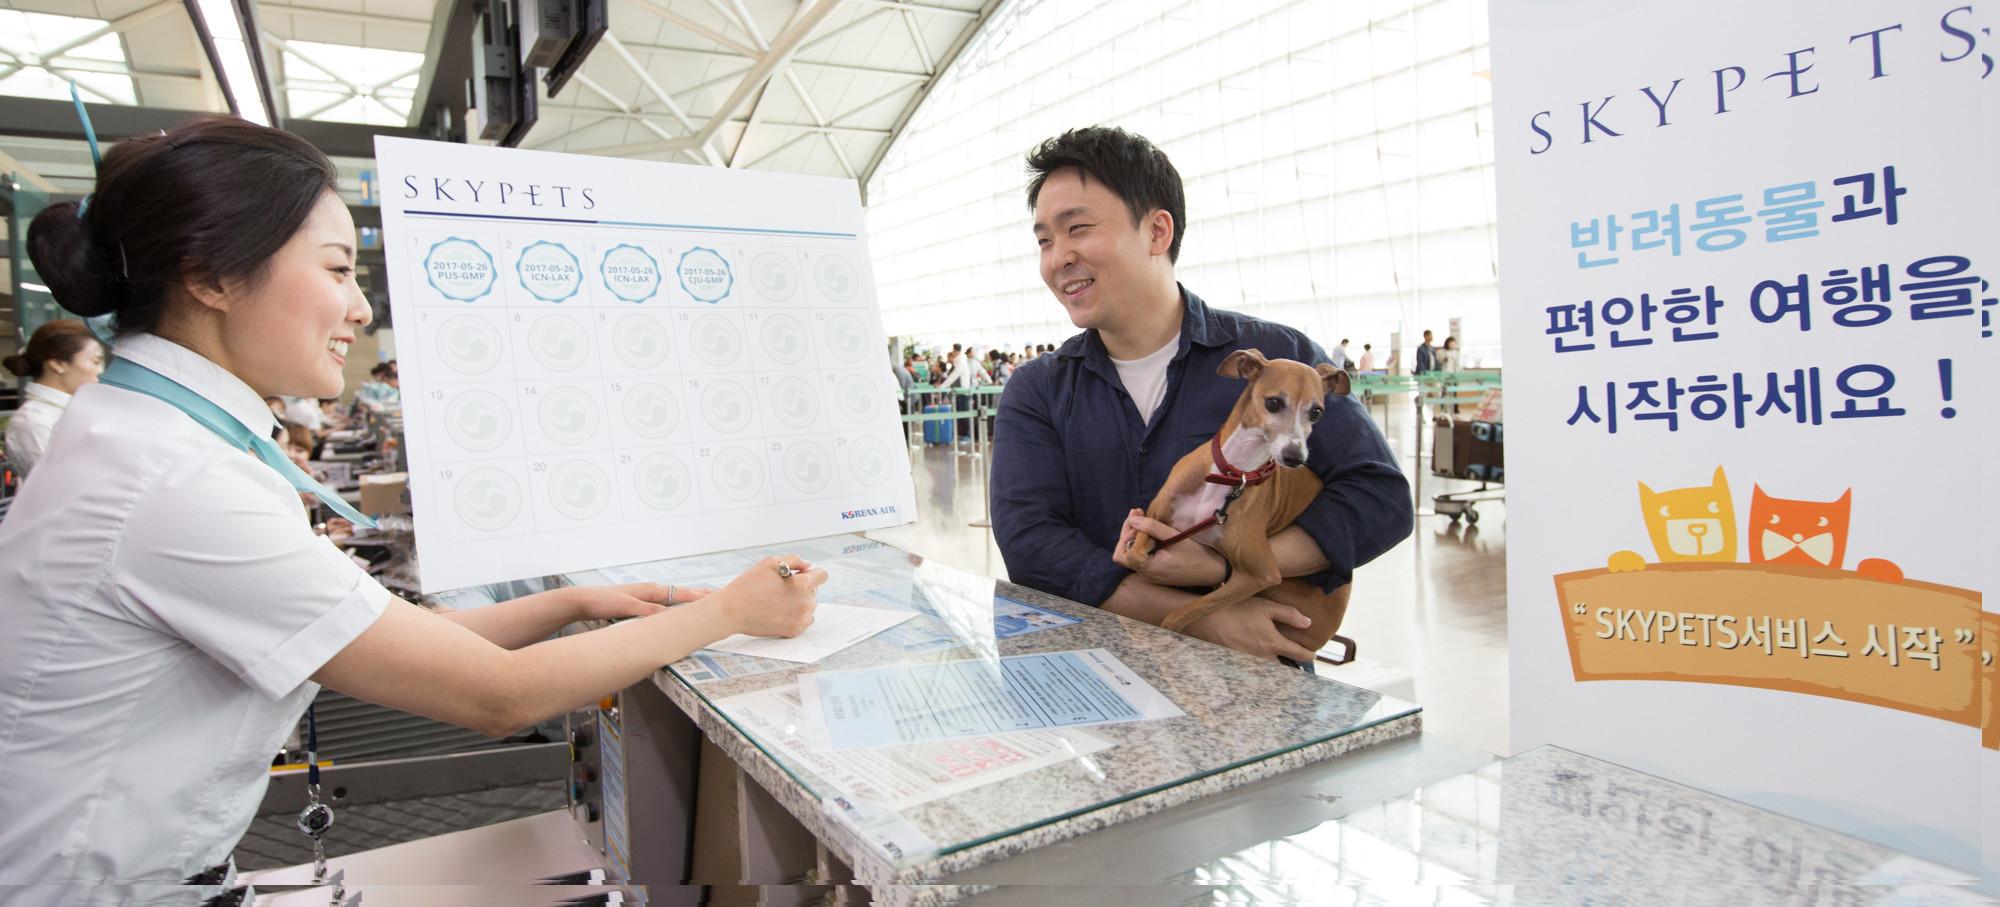 Resultado de imagem para skypets korean air